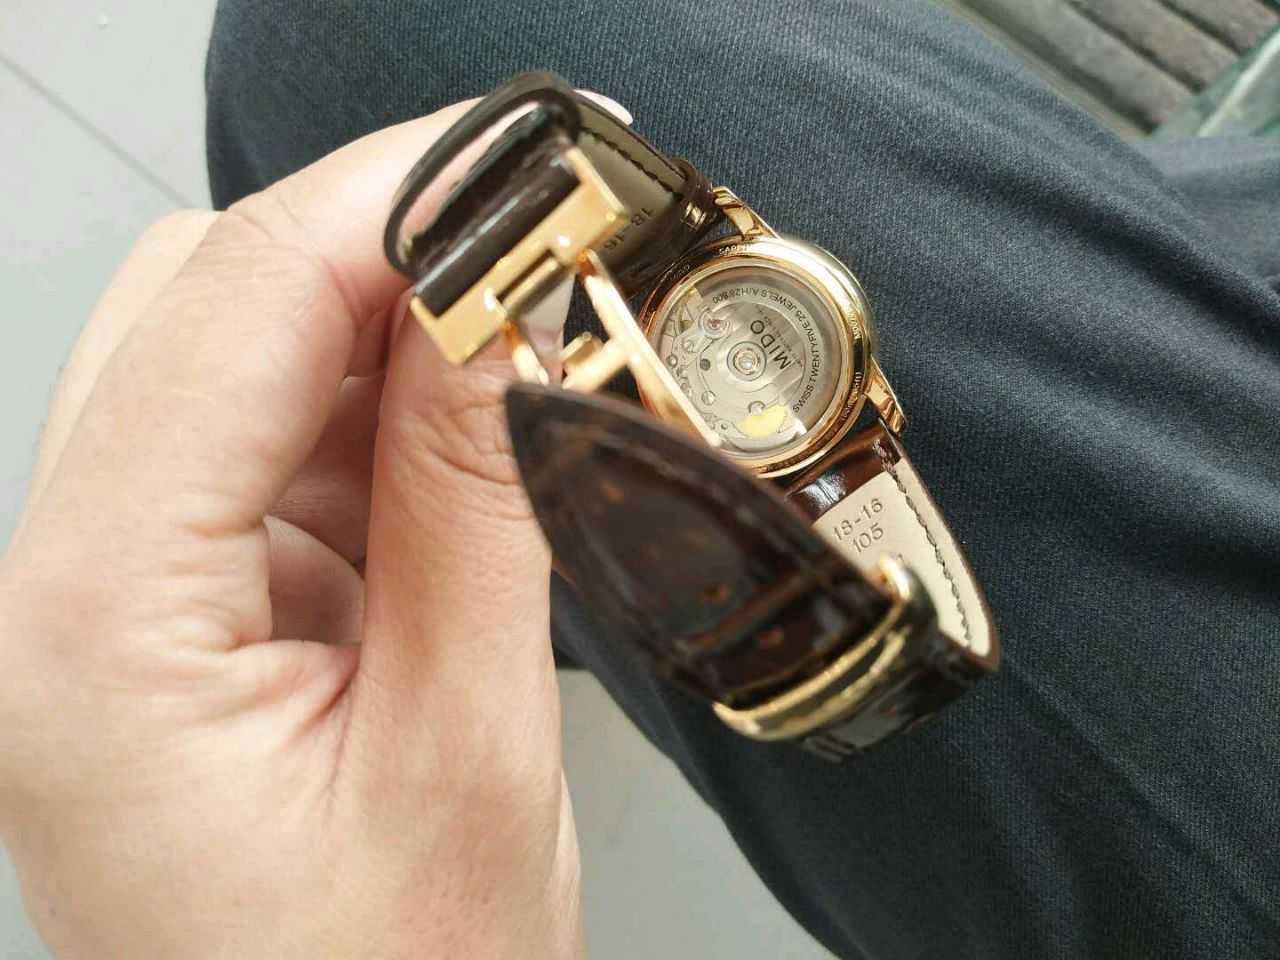 美度M007.207.36.291.00手表【表友晒单作业】老婆看着这...